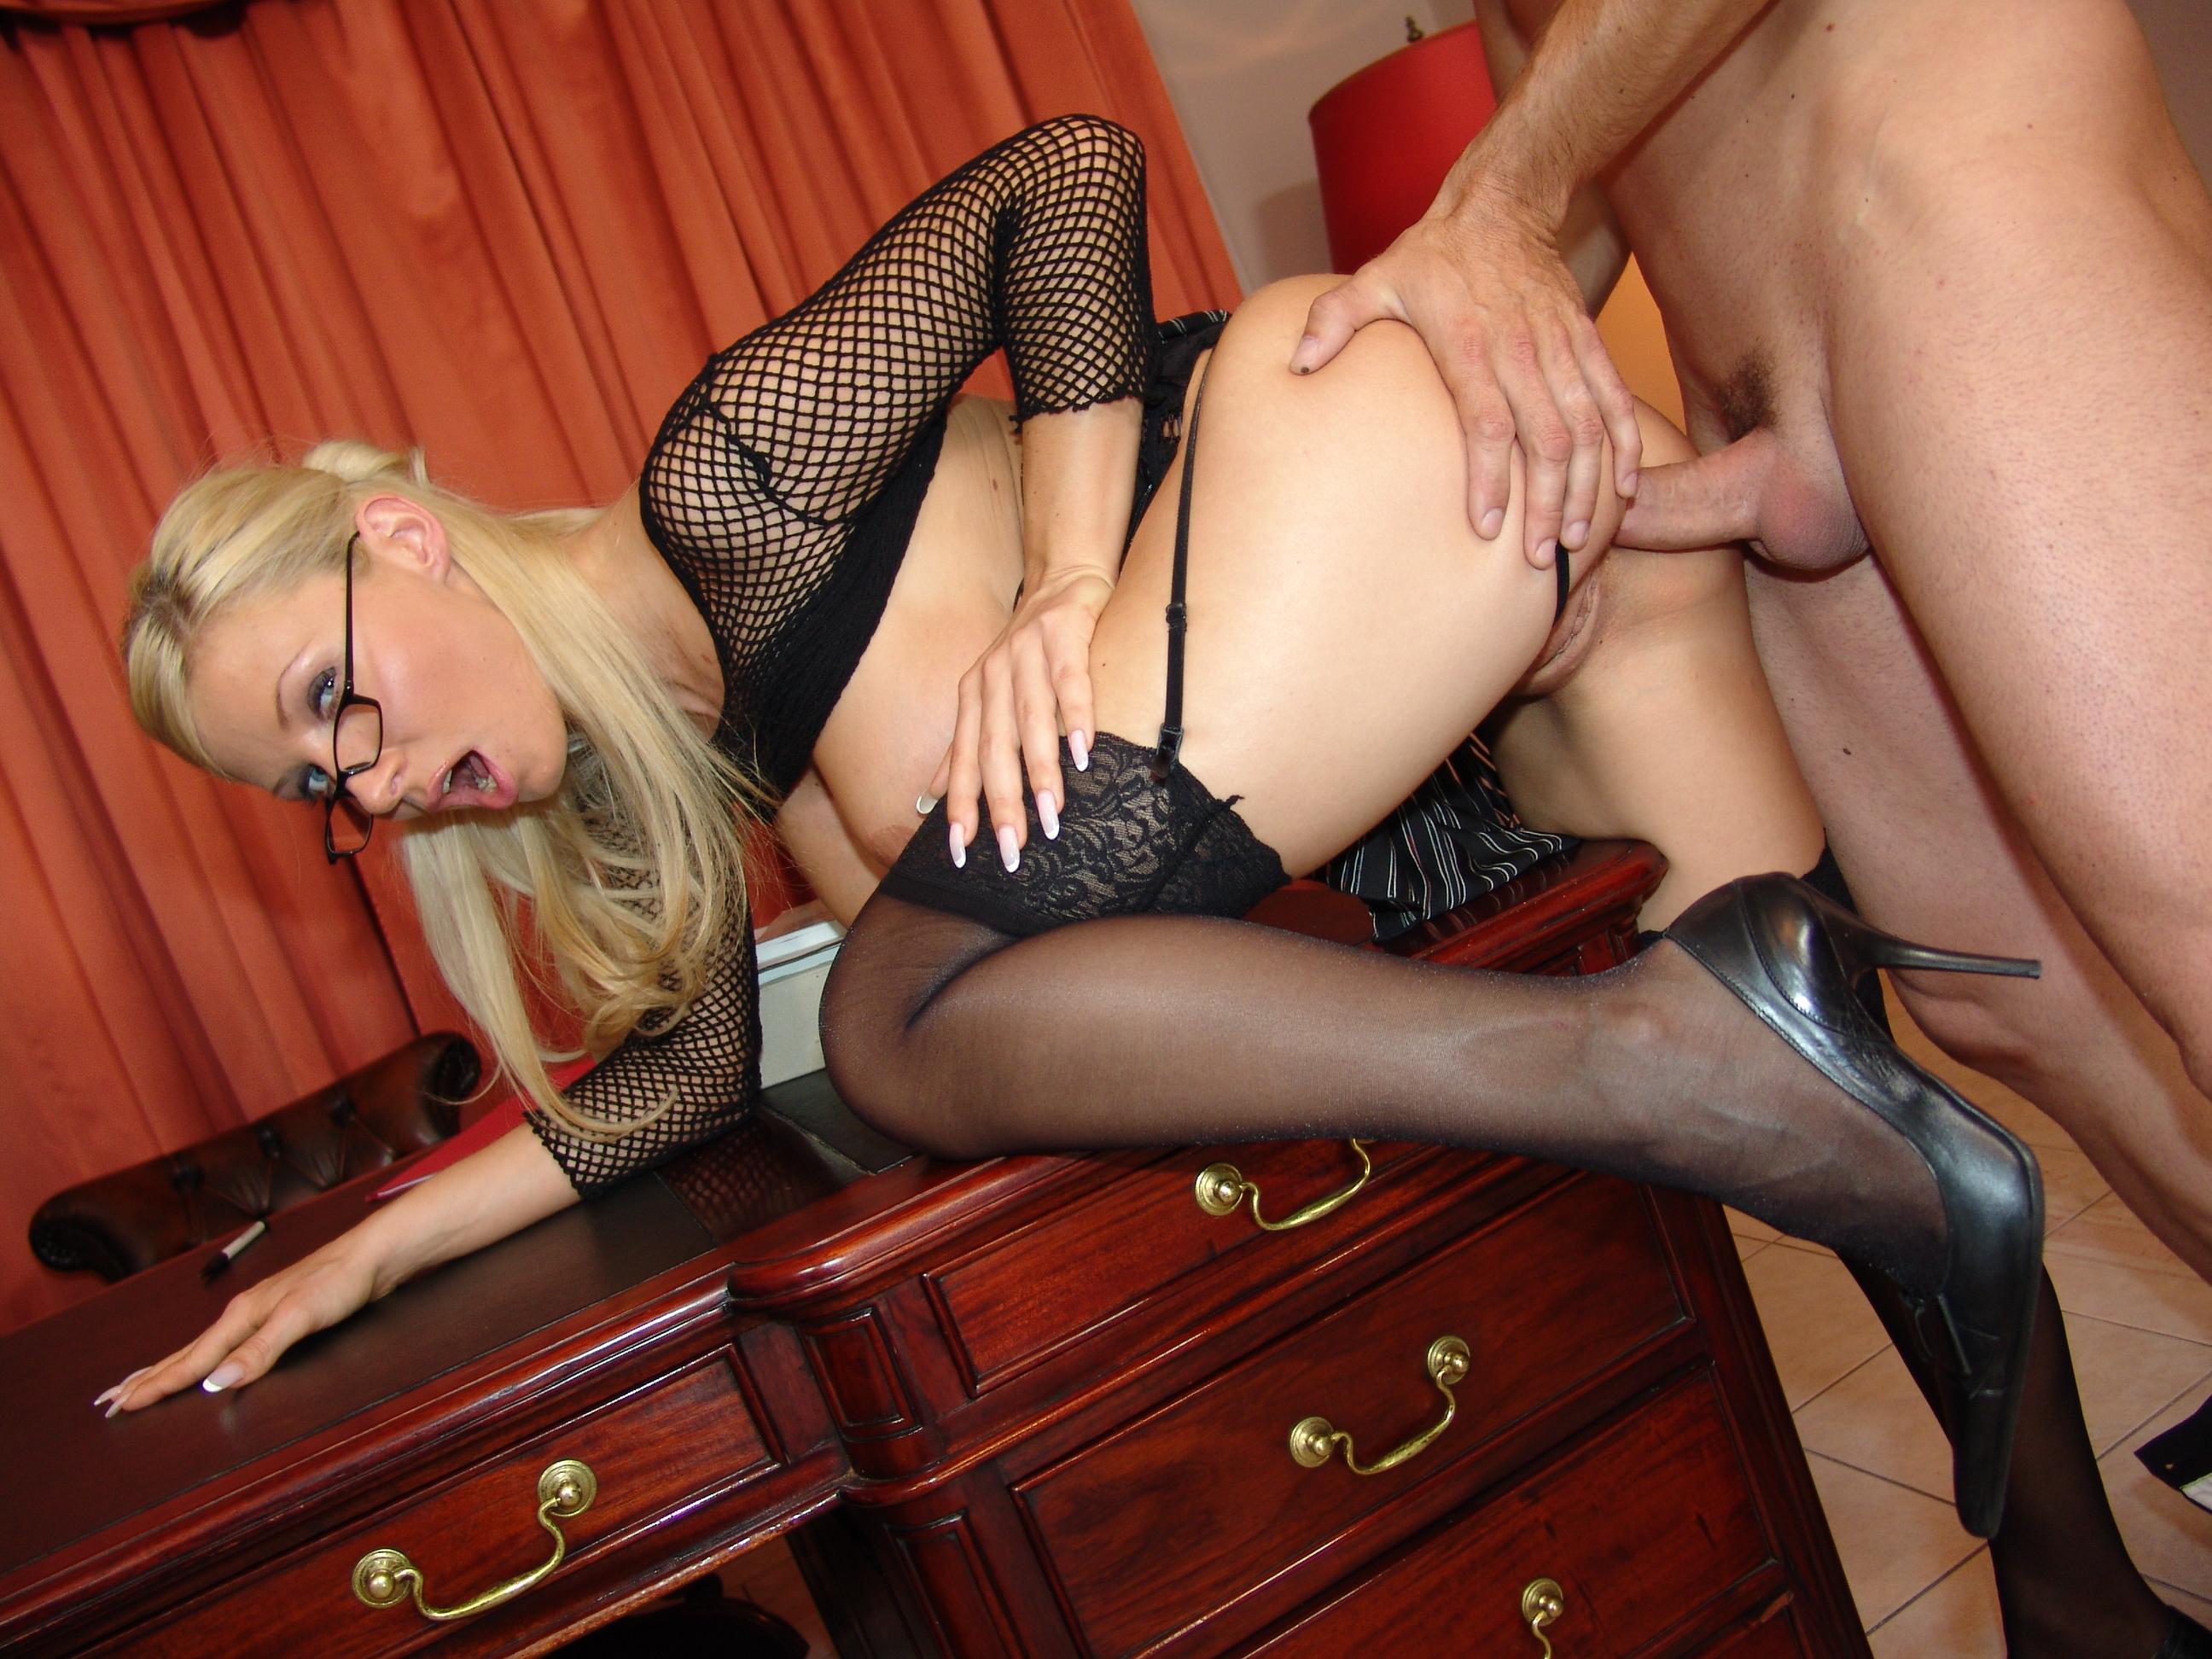 Бесплатное Порно Фото С Секретаршами